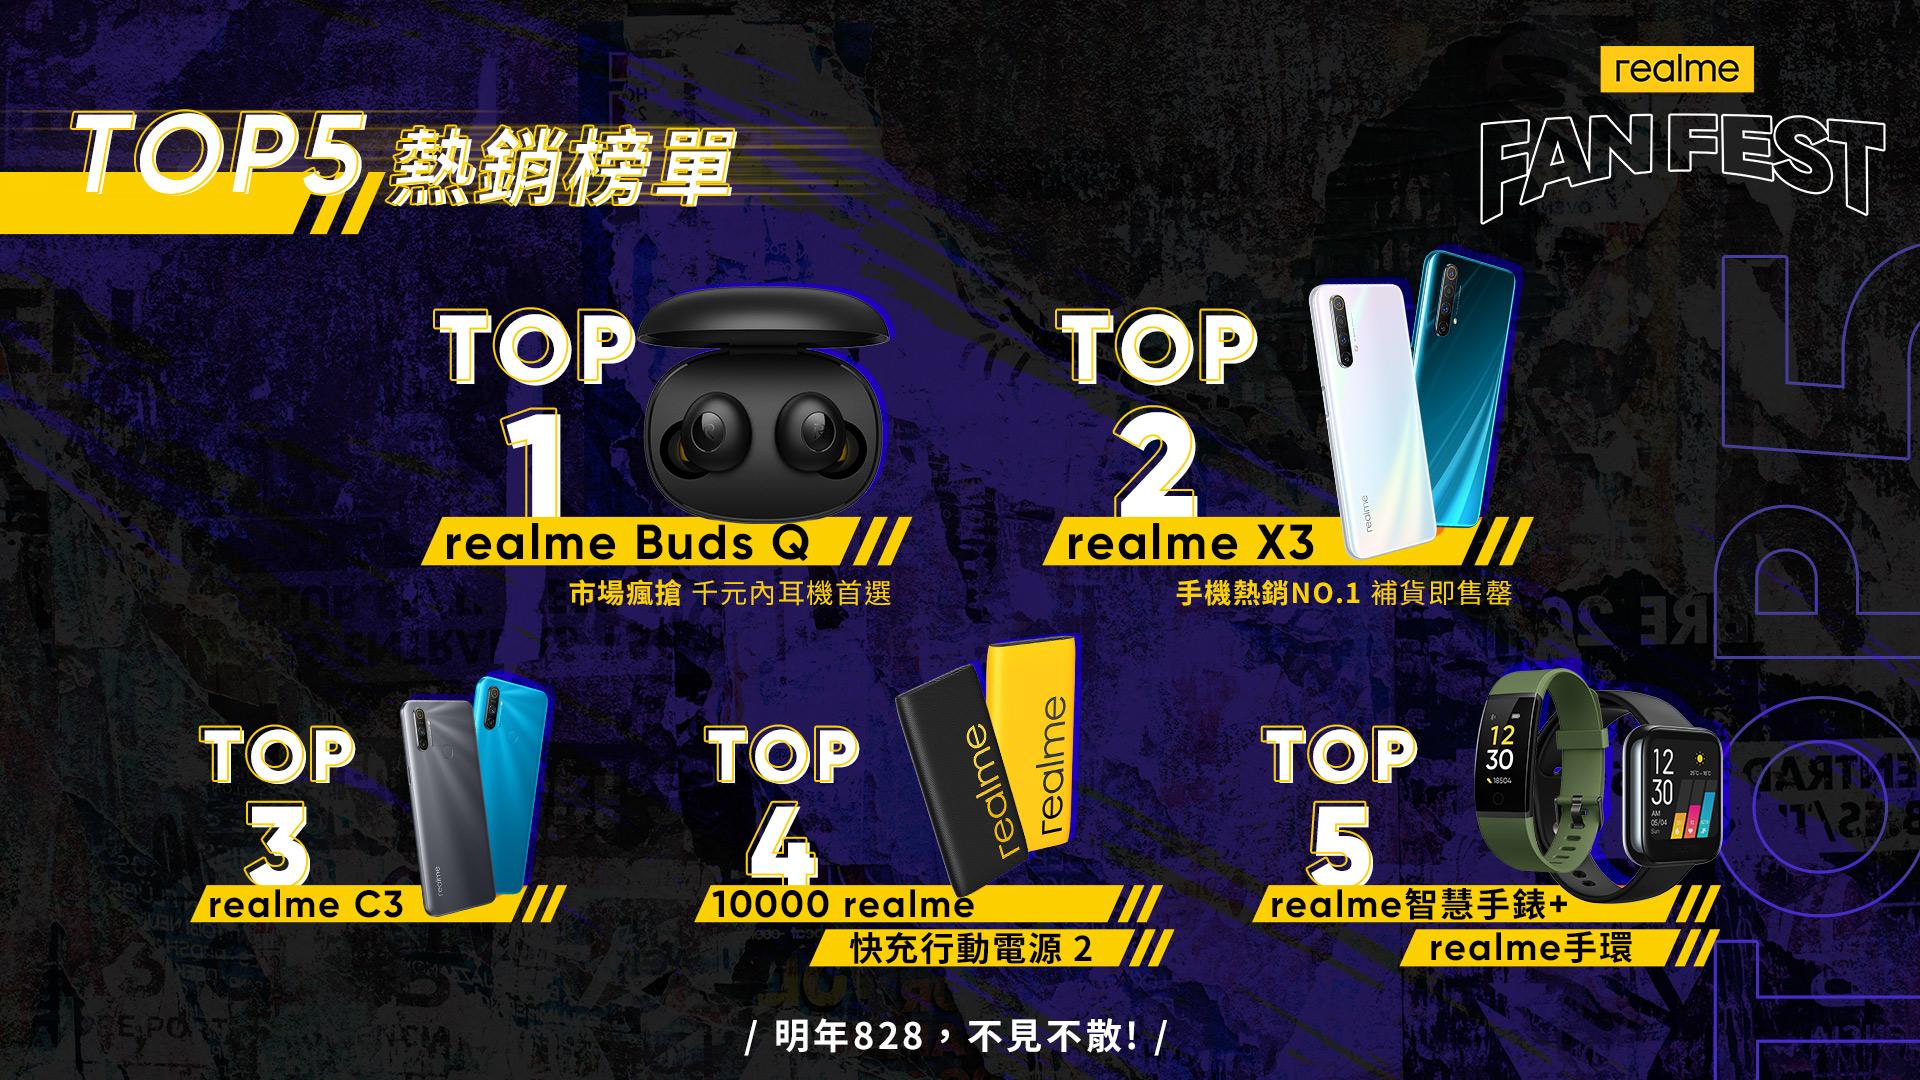 realme粉絲節TOP5熱銷榜單。